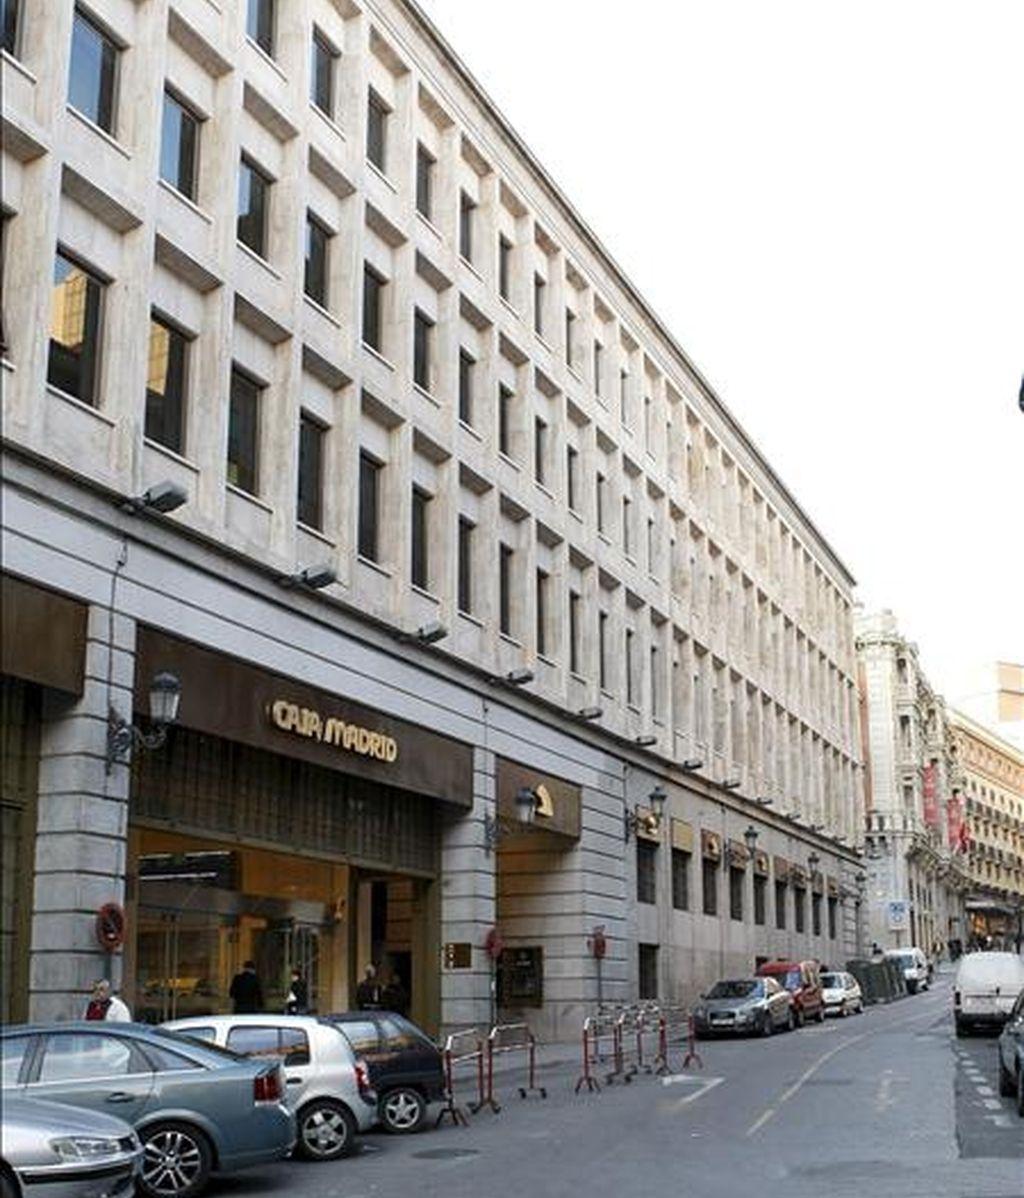 Imagen de archivo de la fachada de la sede institucional de Caja Madrid. EFE/Archivo